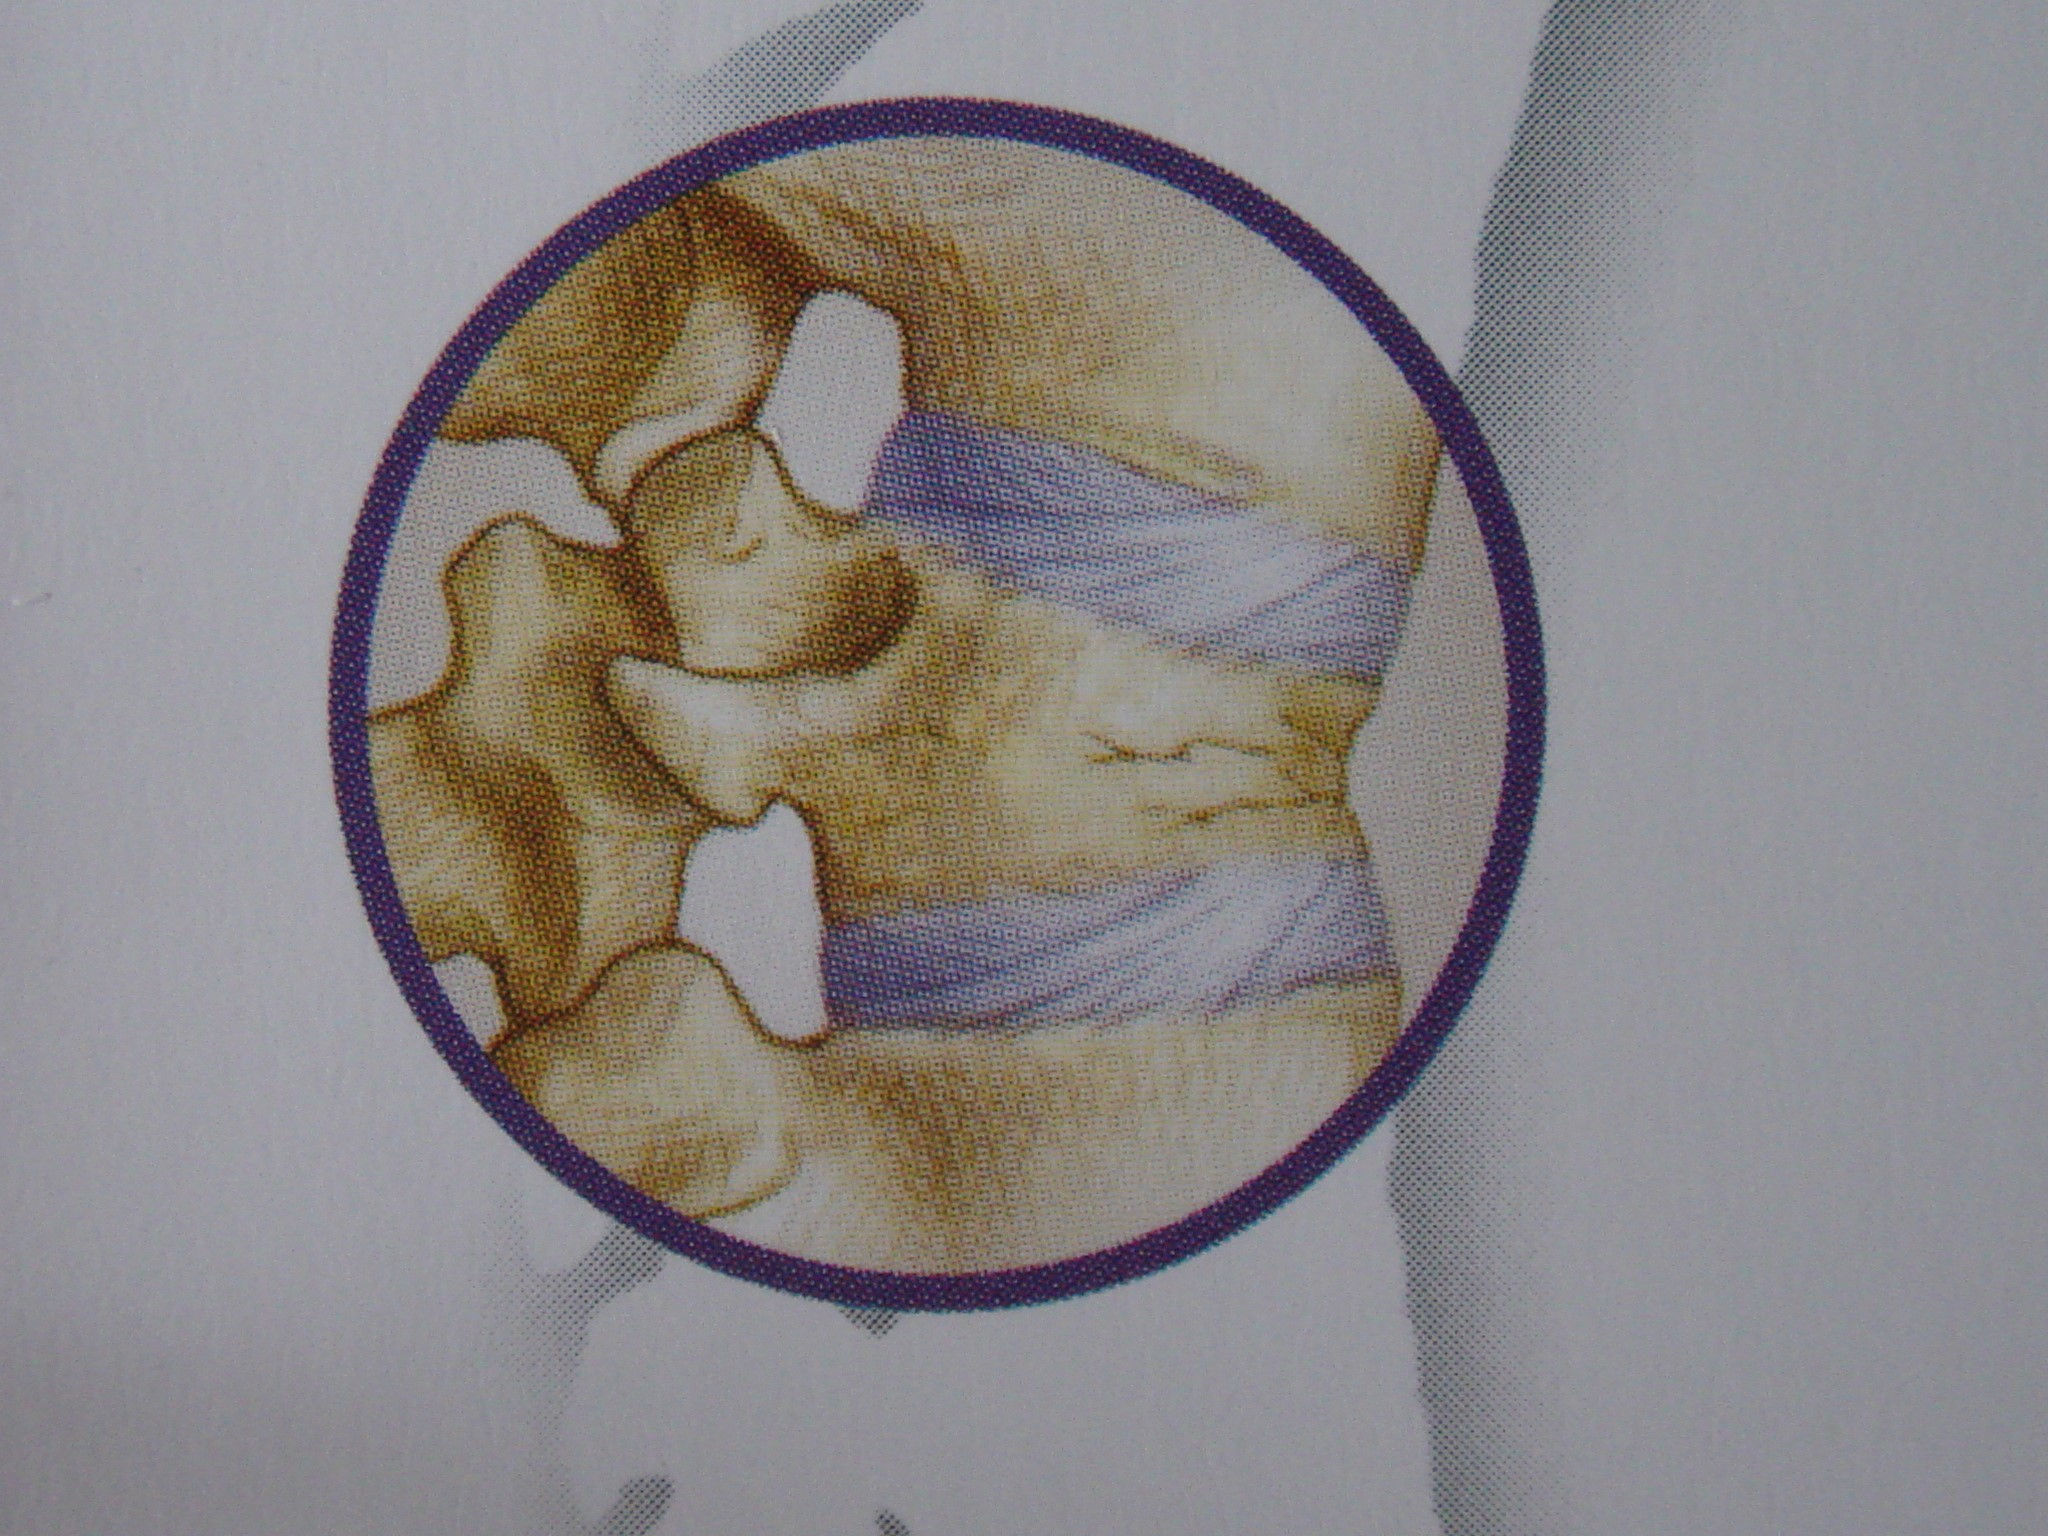 Aspecto esquemático de uma fratura compressiva de uma vértebra osteoporótica (vista em perfil).